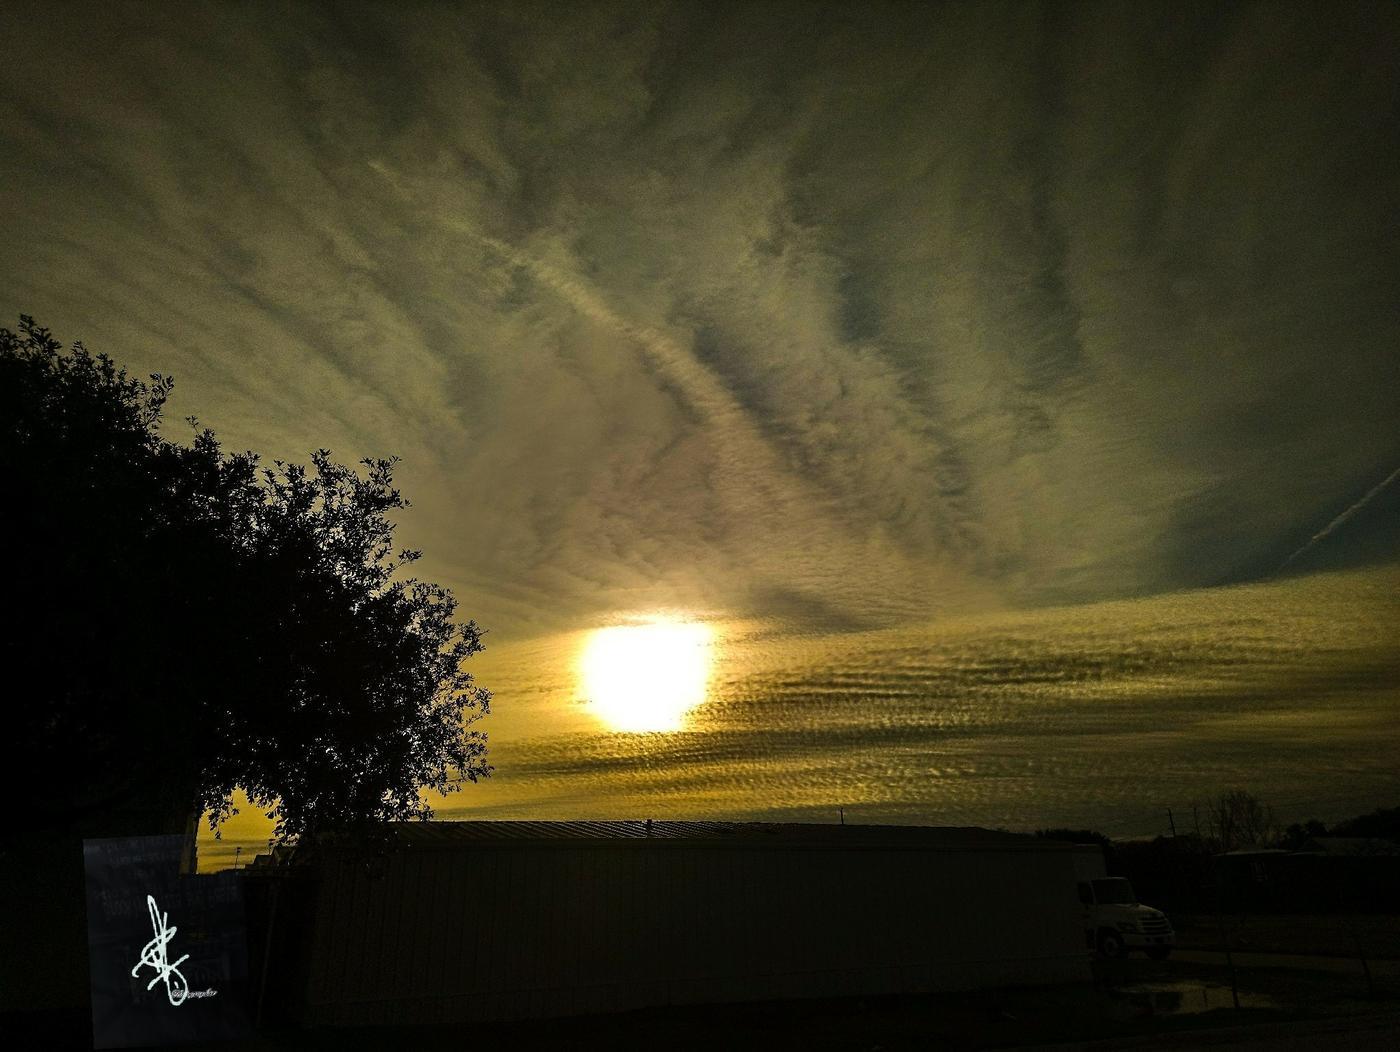 Sombra de vida (Antonio Rodriguez)